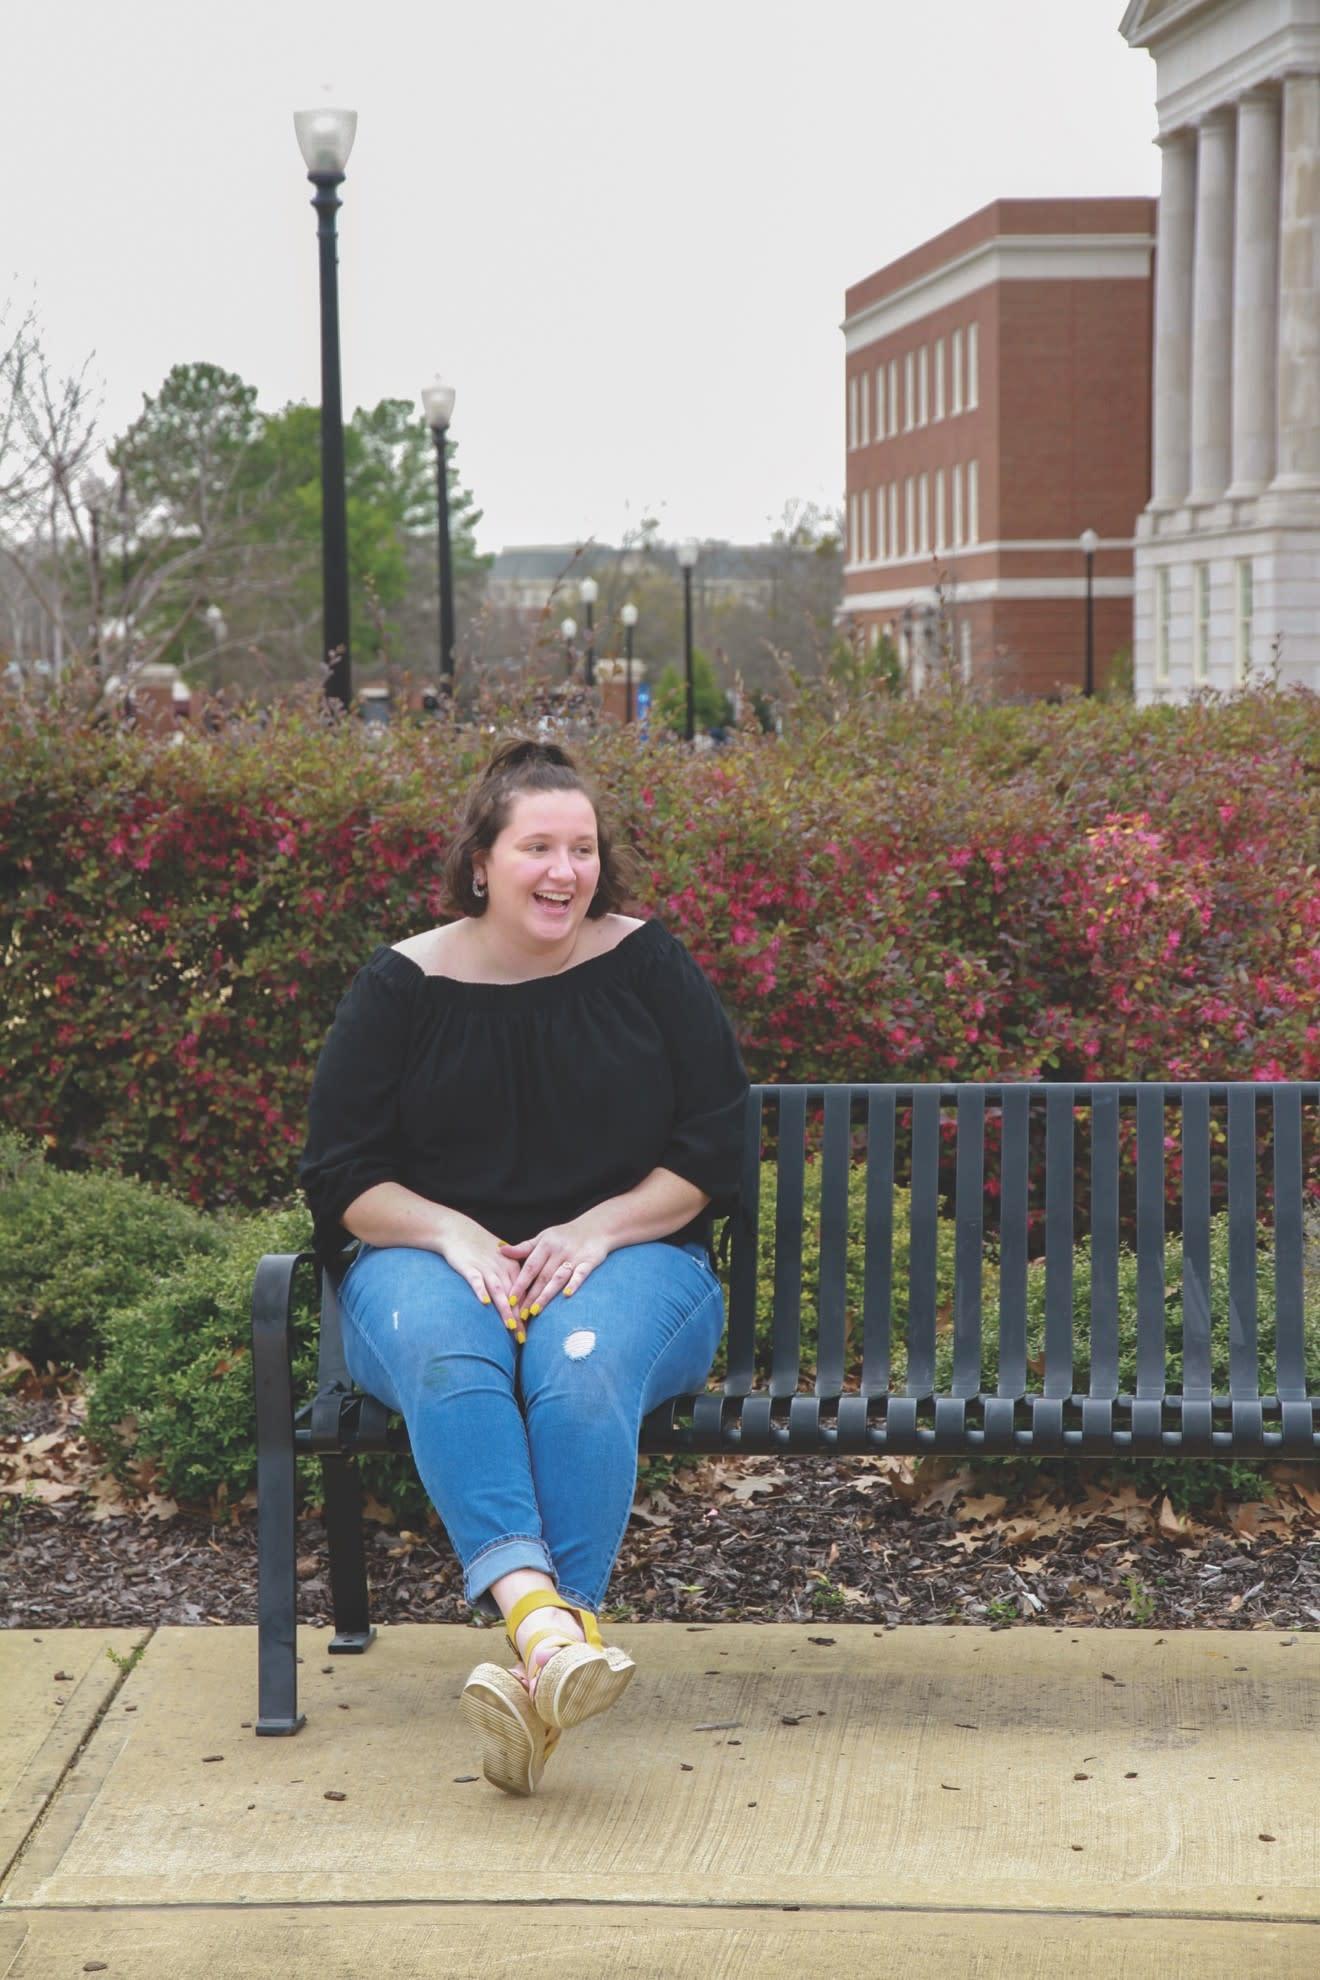 Taylor Reeder, UA student